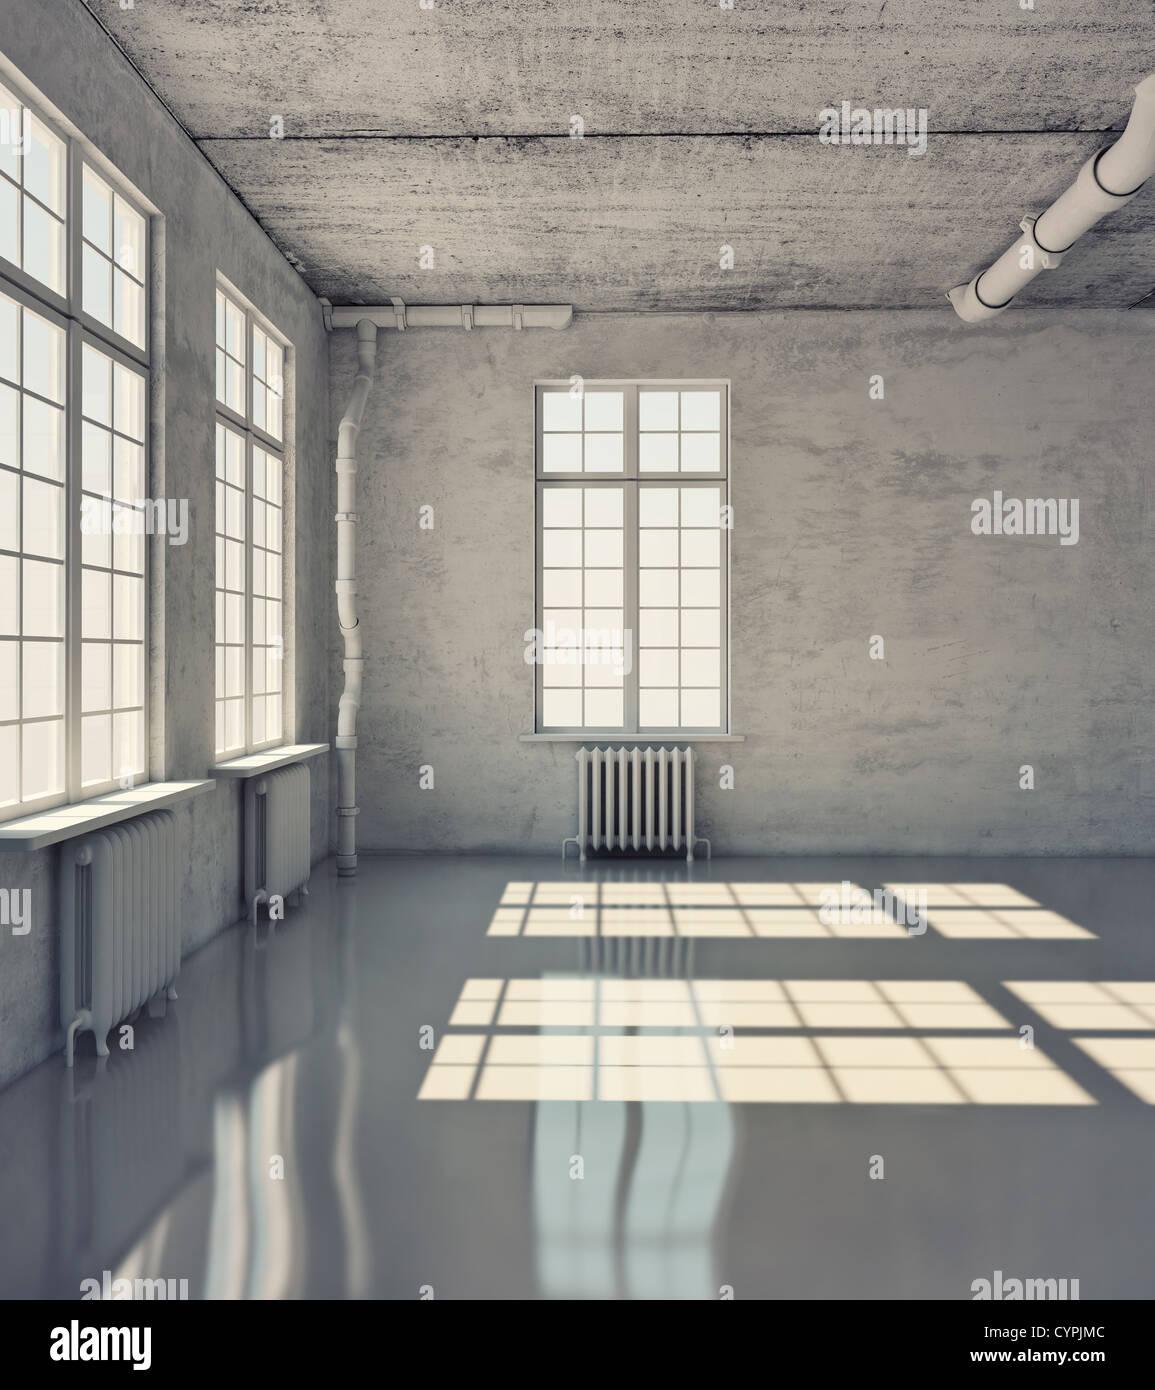 Salle vide avec windows (loft concept)Banque D'Images